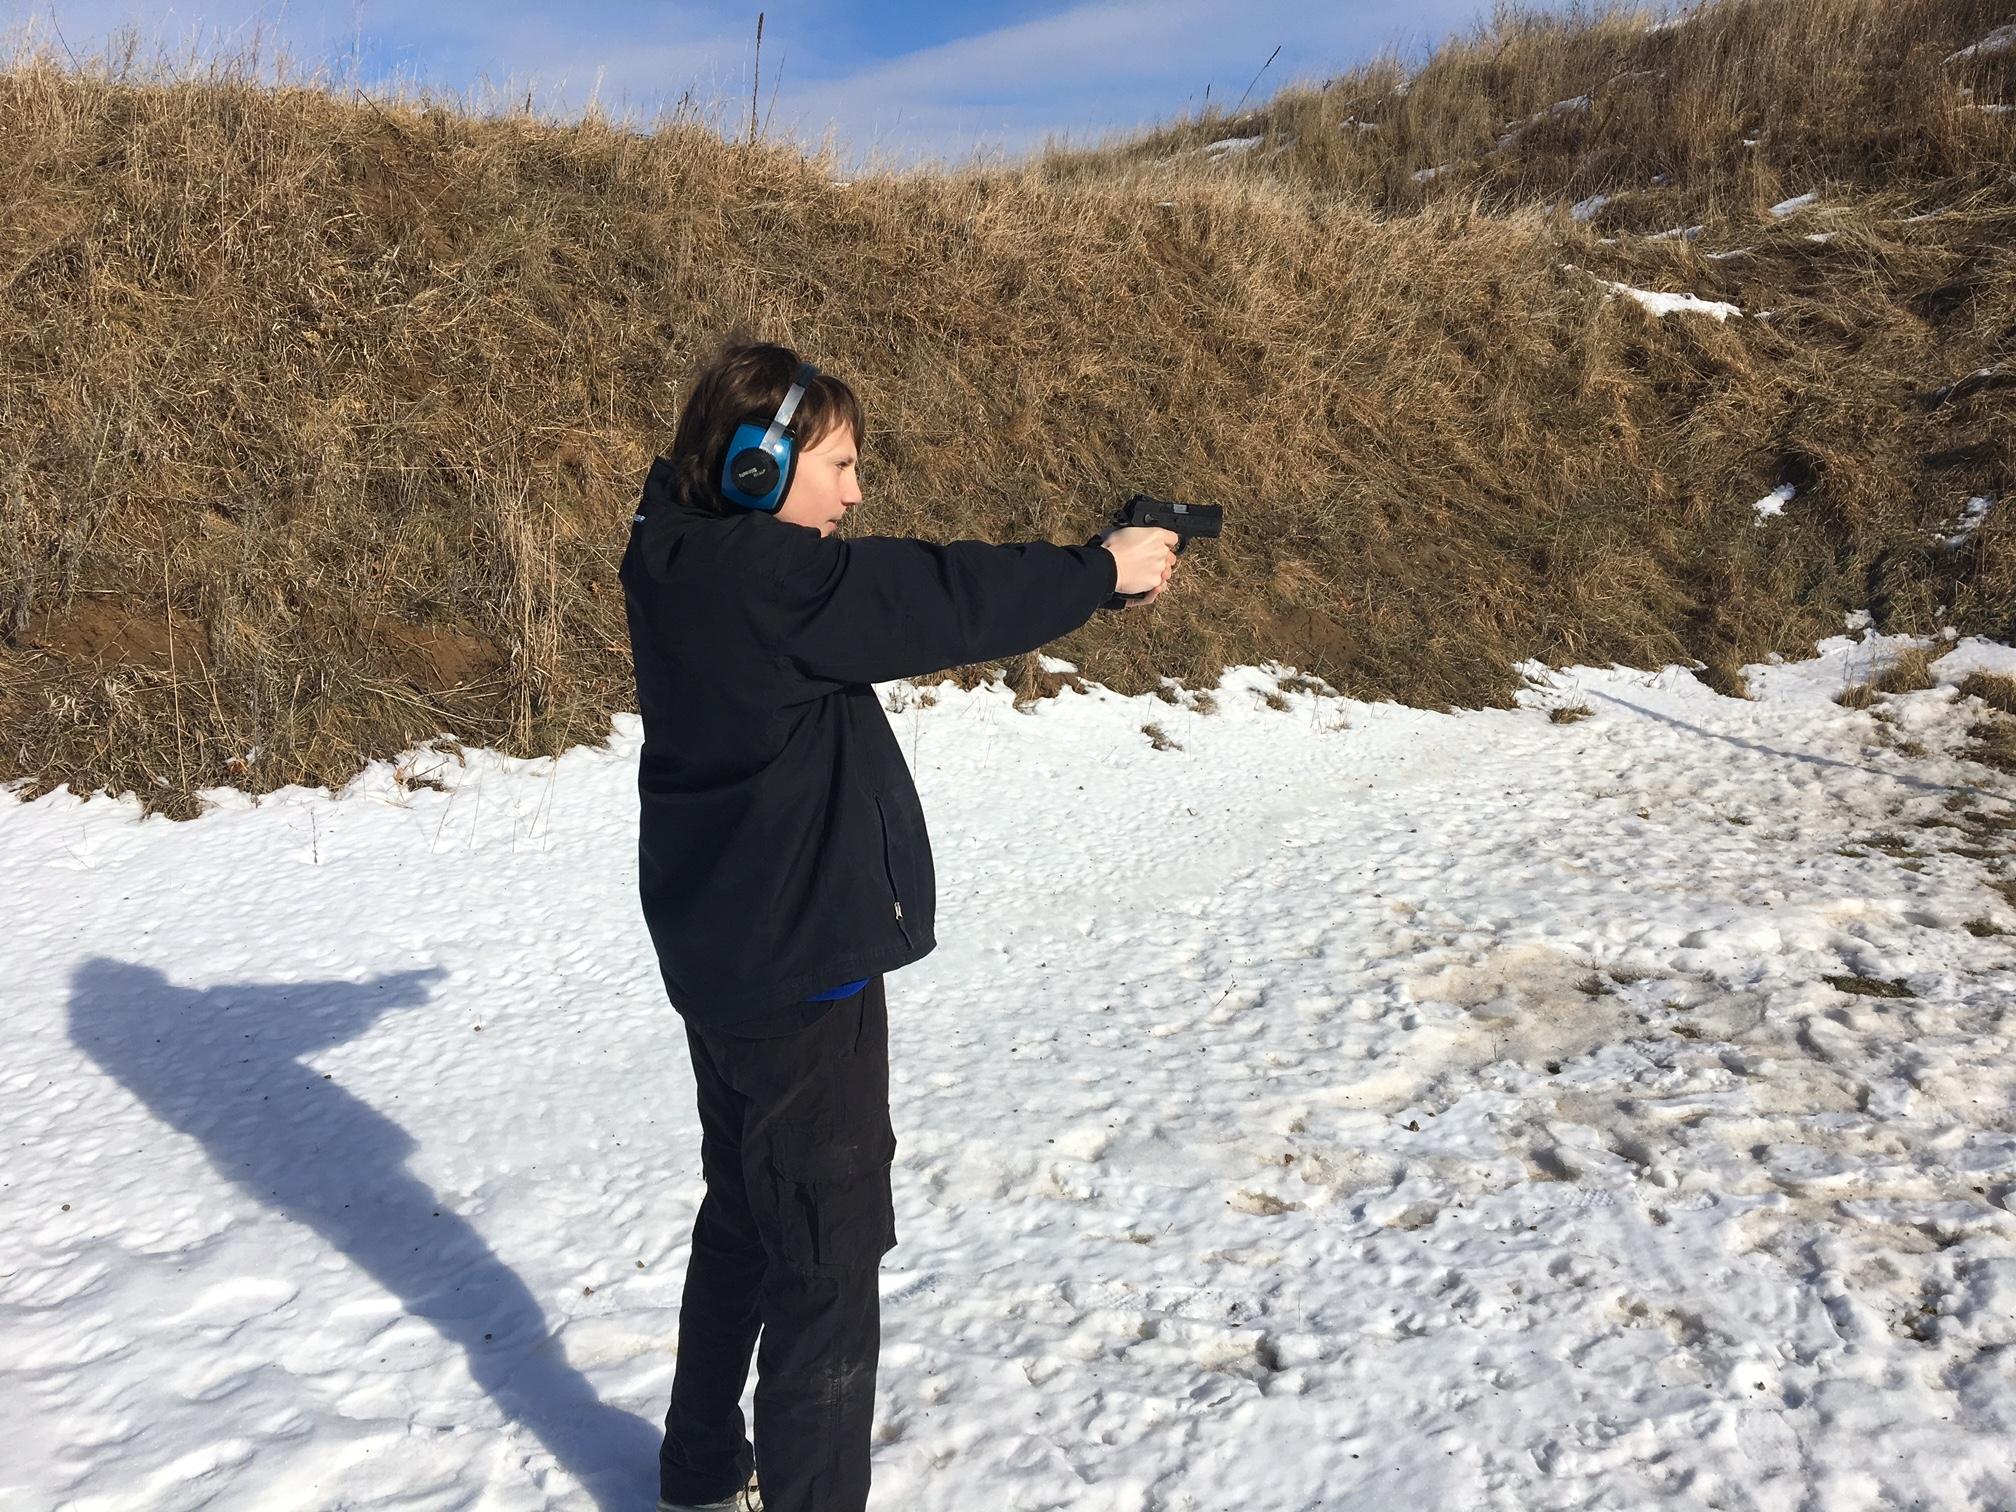 EAA SAR K2P | Gun and Game - The Friendliest Gun Discussion